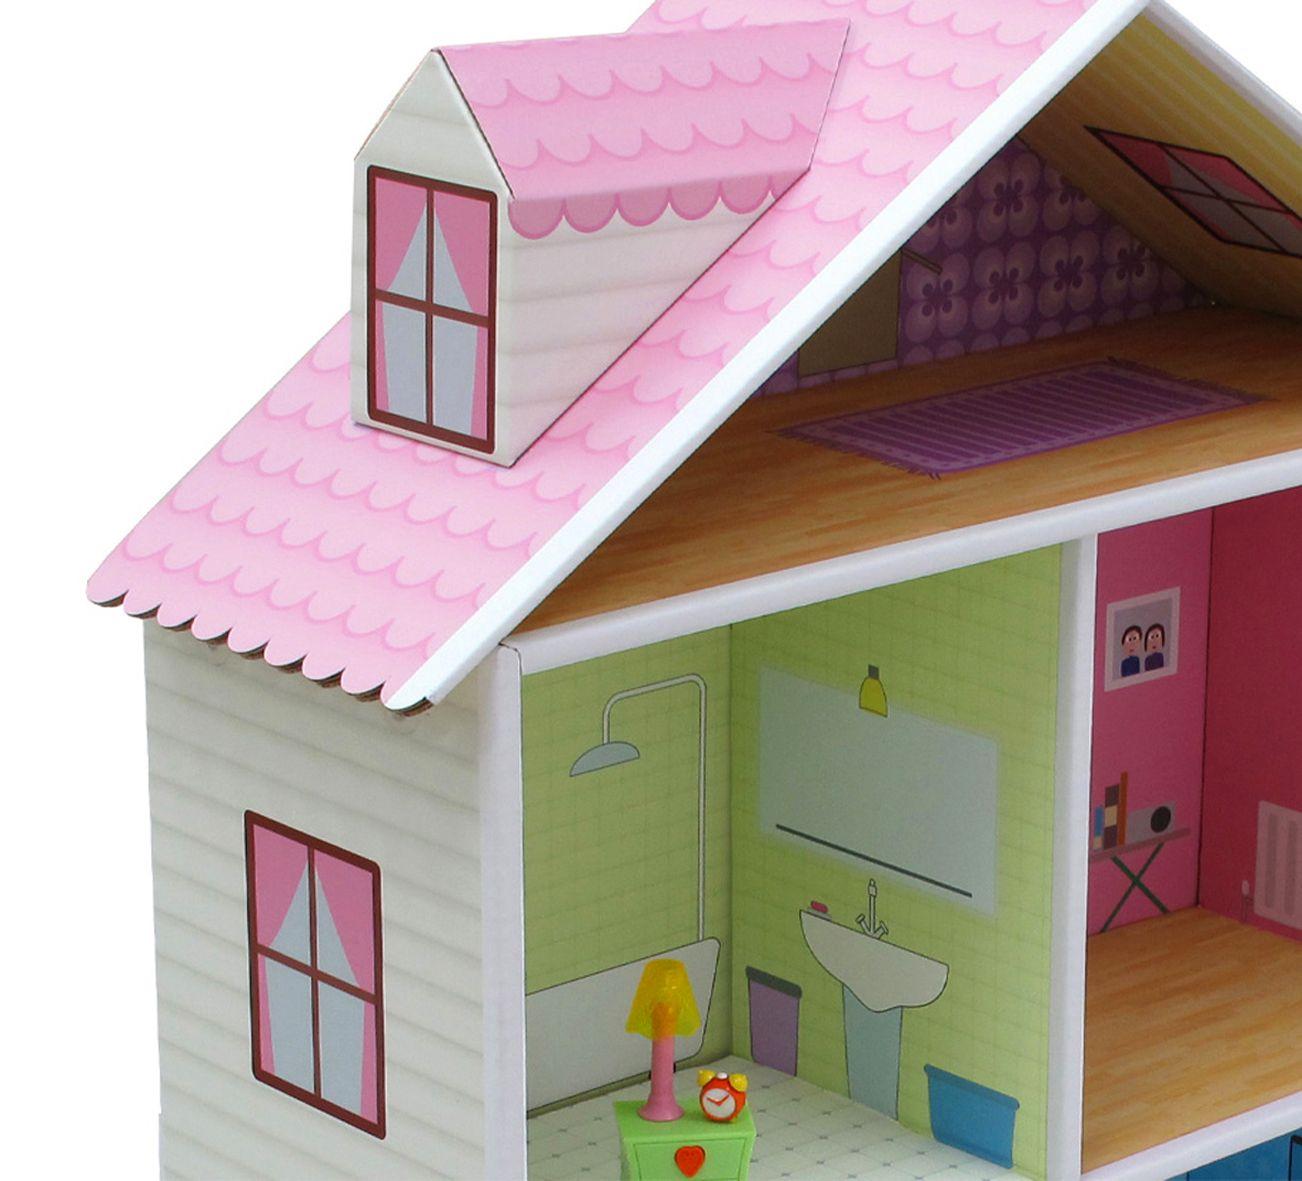 Tejado casa de muñecas Melrose | manualidades | Pinterest | Tejados ...